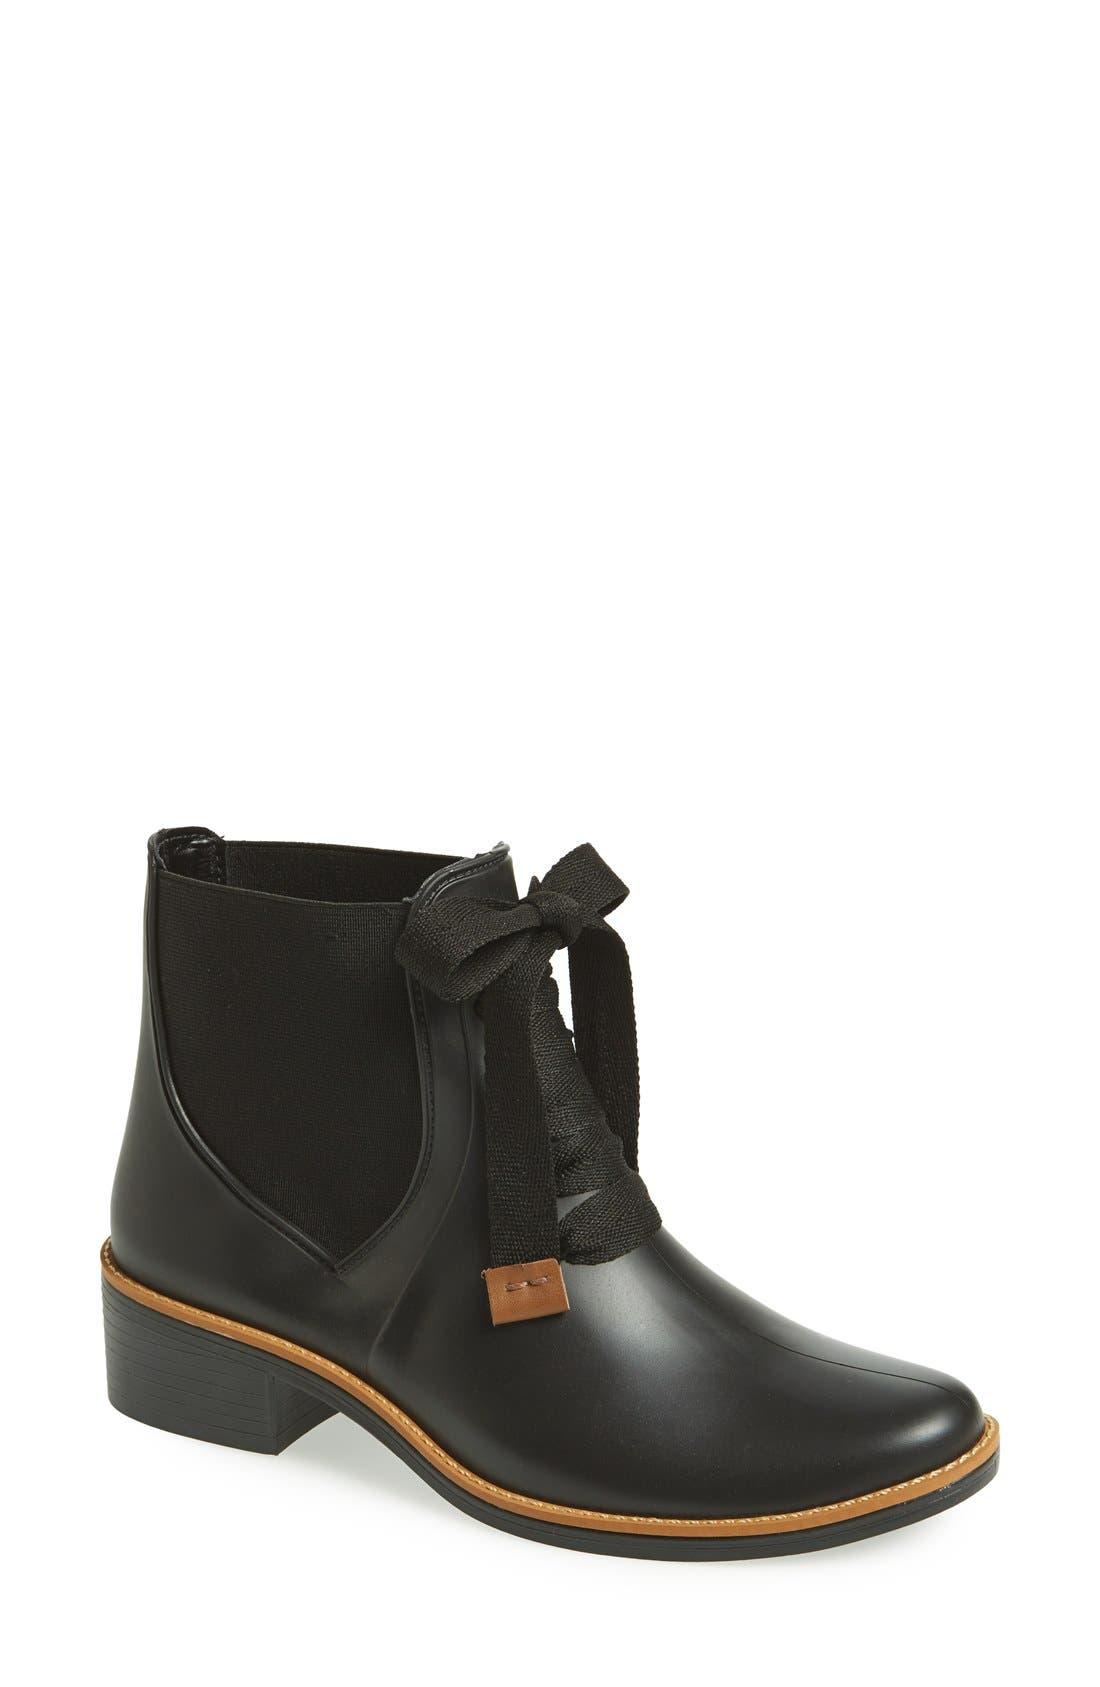 BERNARDO Lacey Short Waterproof Rain Boot, Main, color, 001